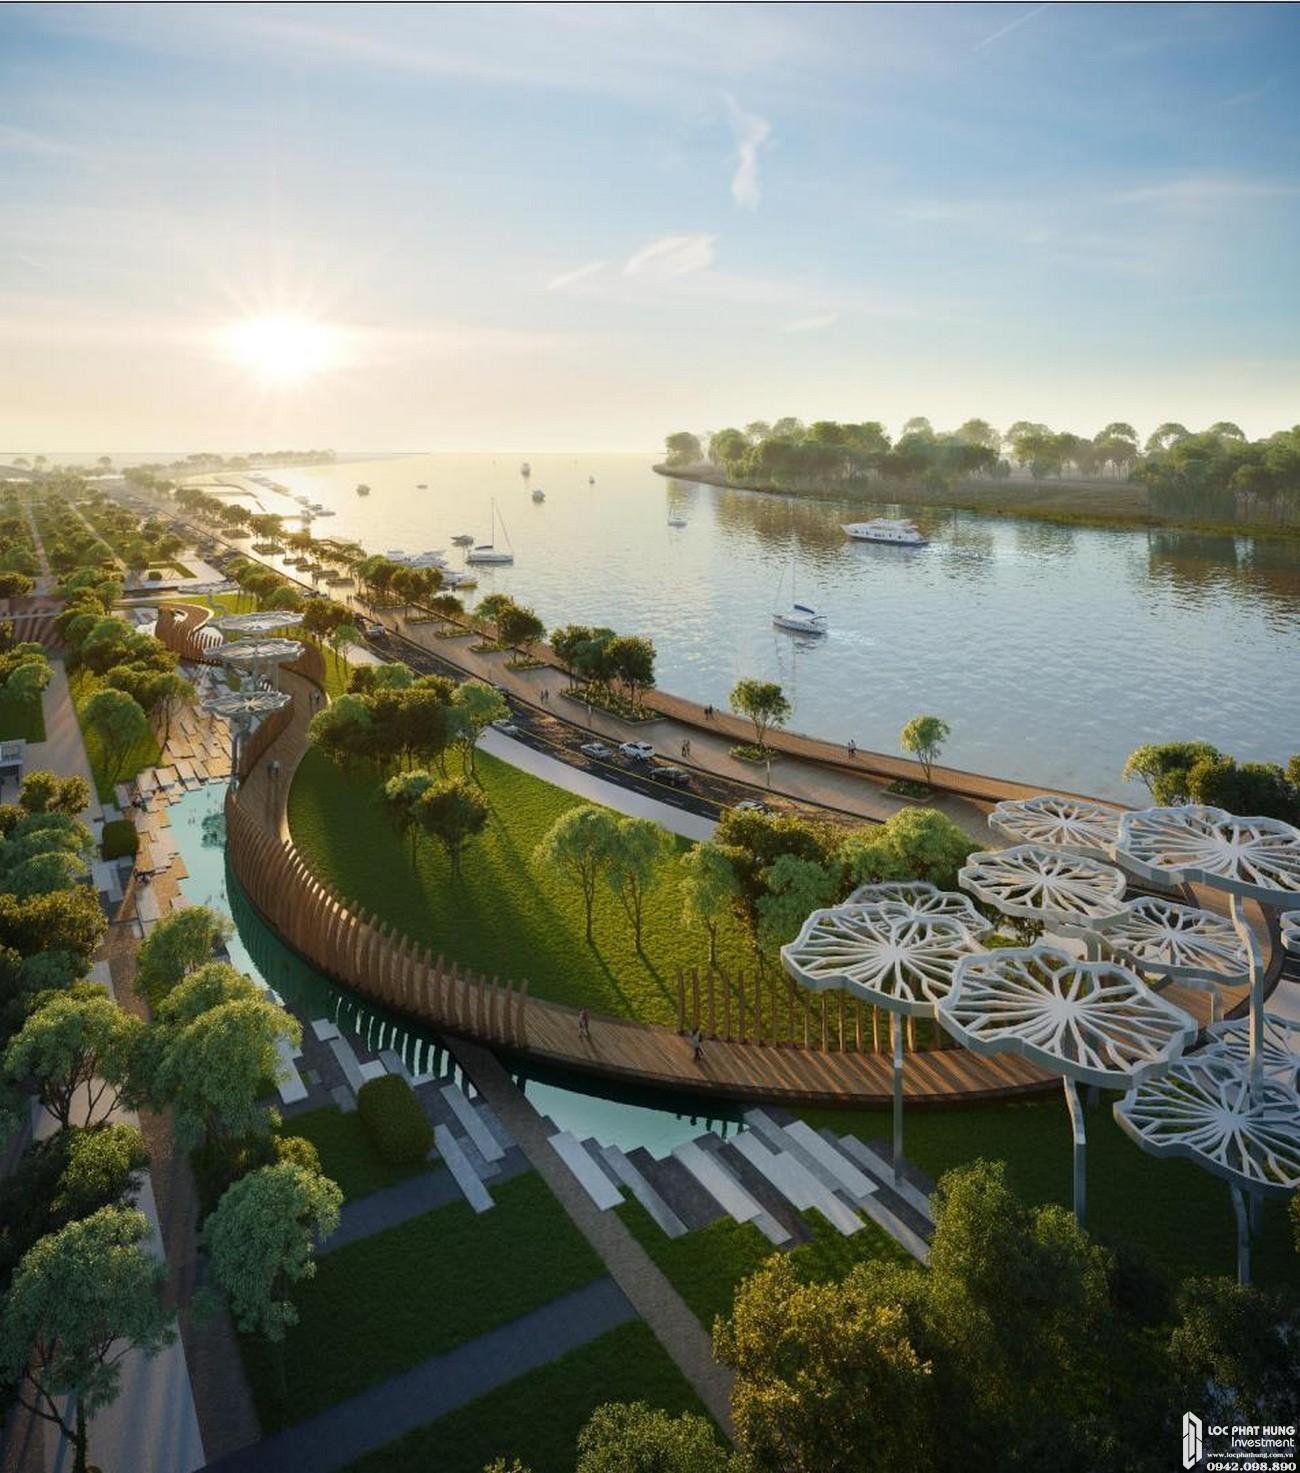 Quảng trường mới của Thành phố tại dự án Grand Marina Saigon